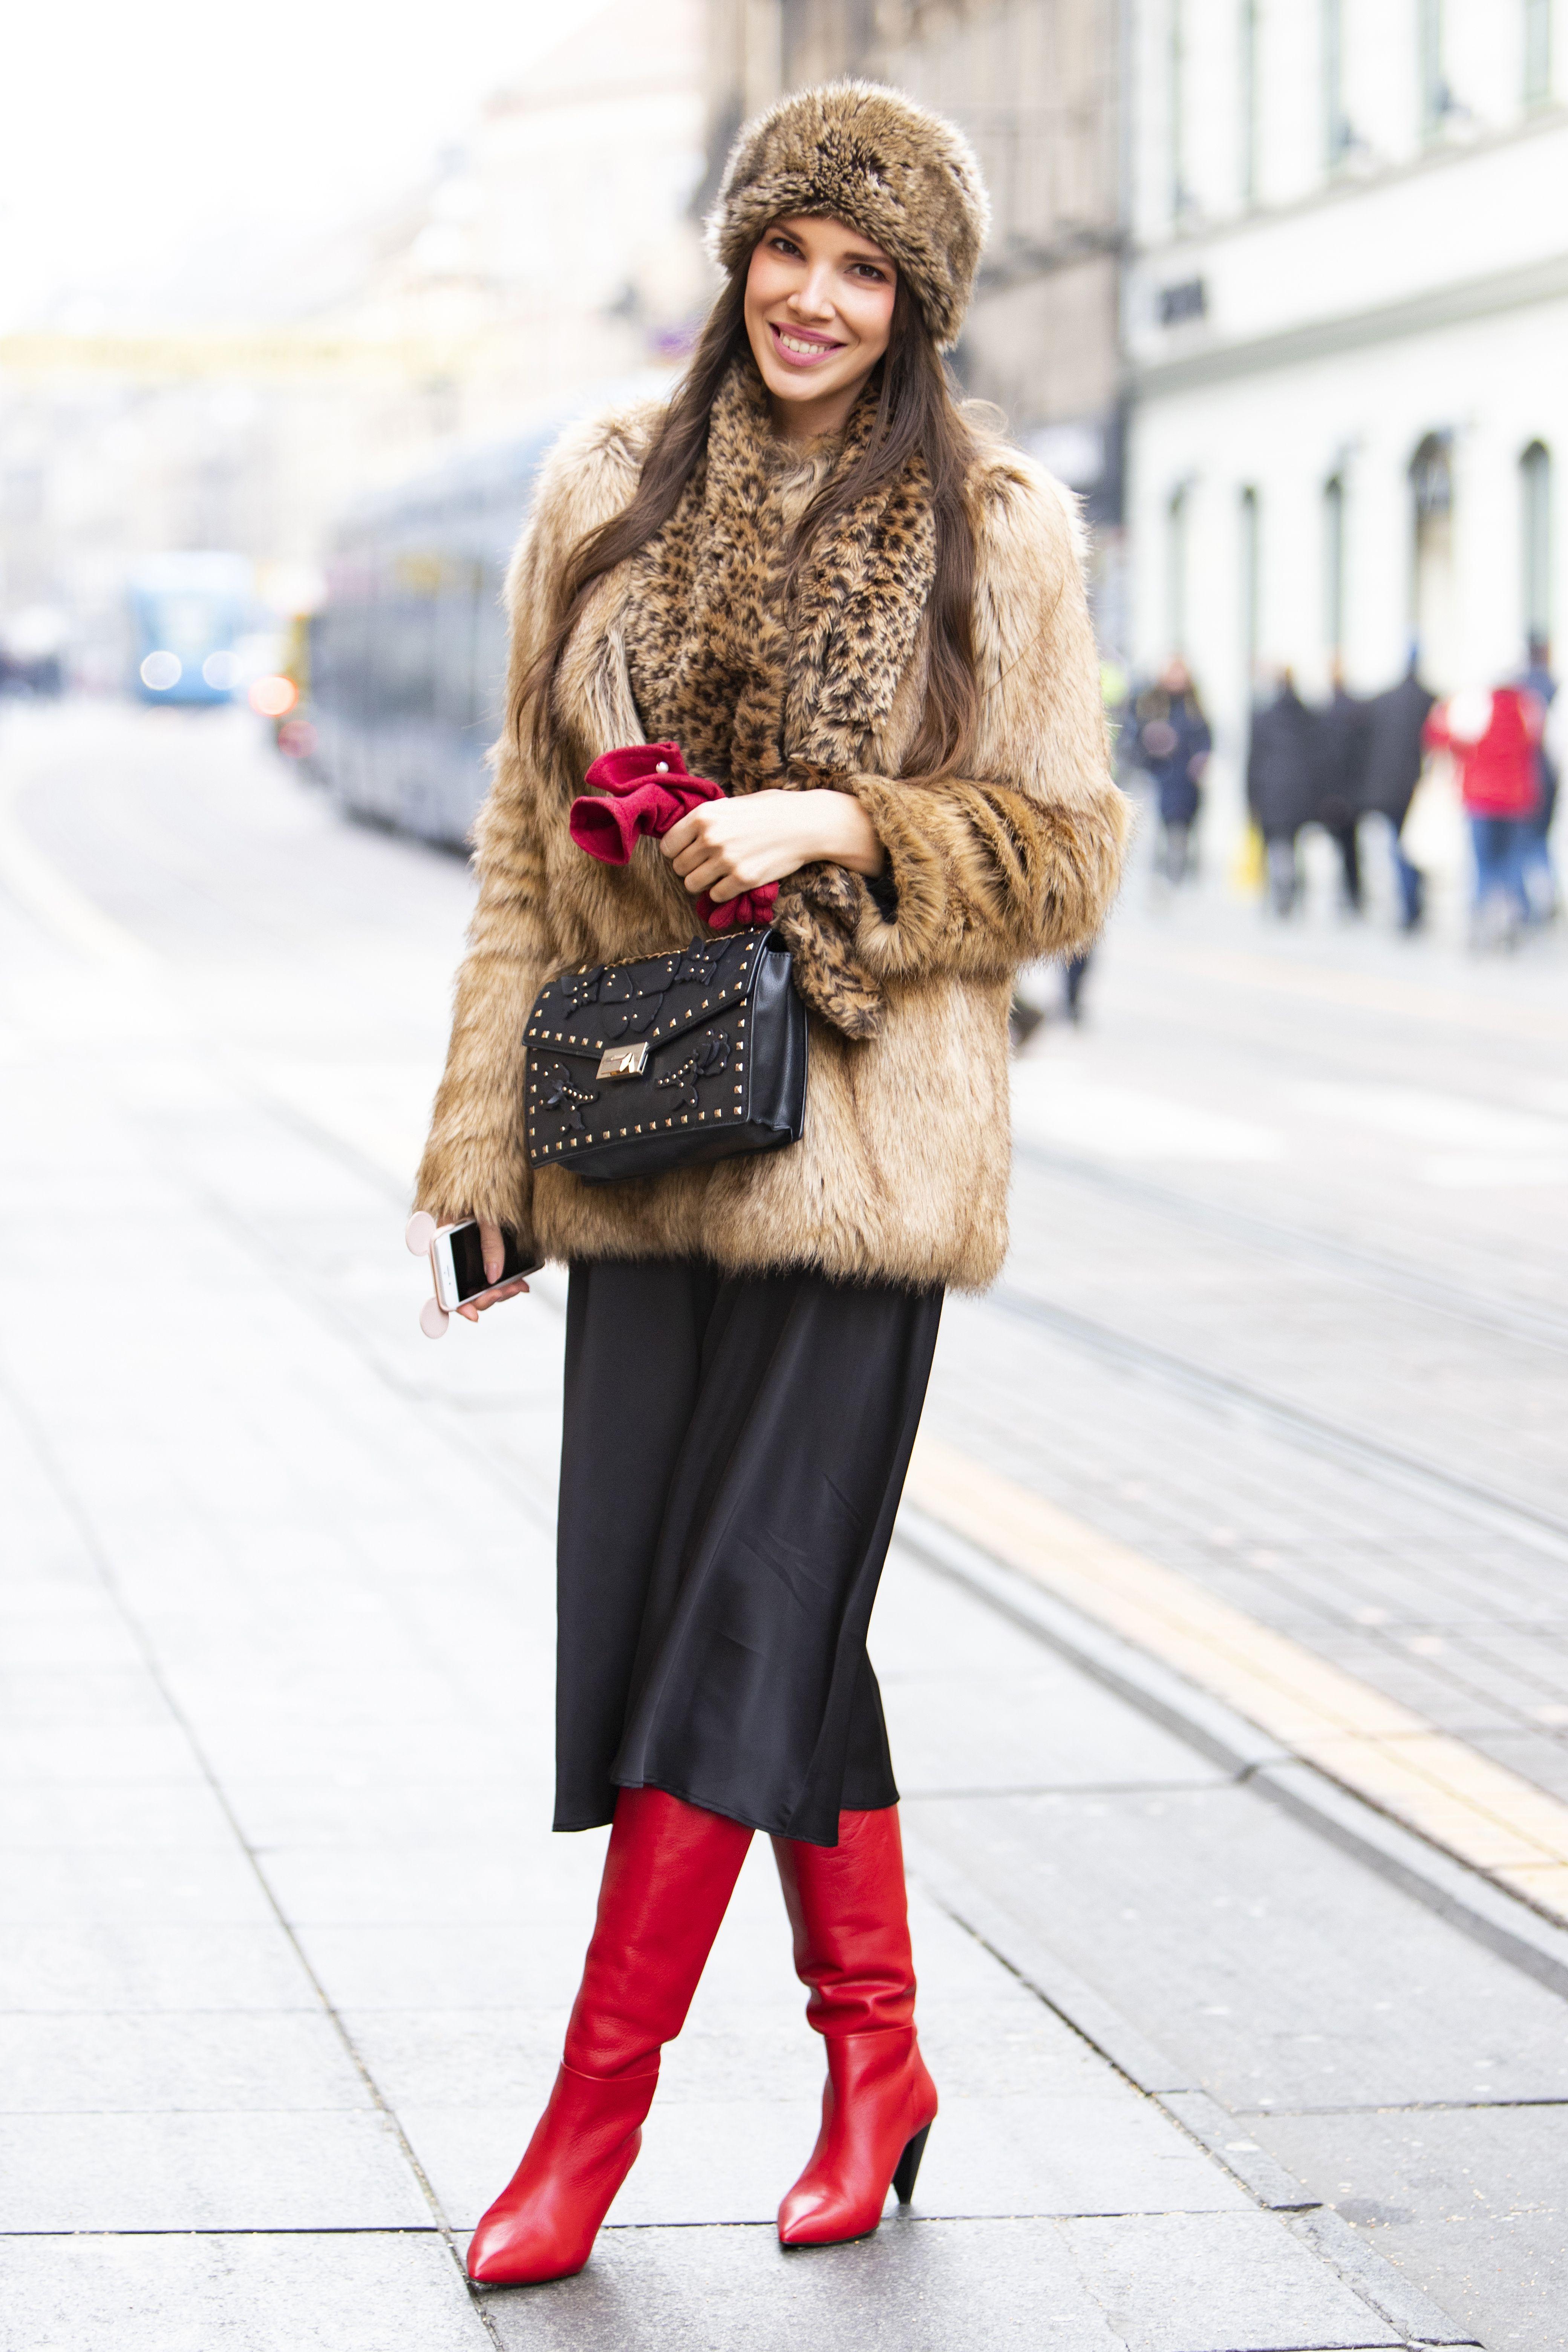 Prekrasan osmijeh, upečatljive čizme i pomaknuta elegancija: Divna brineta ukrala pozornost zagrebačkim prolaznicima